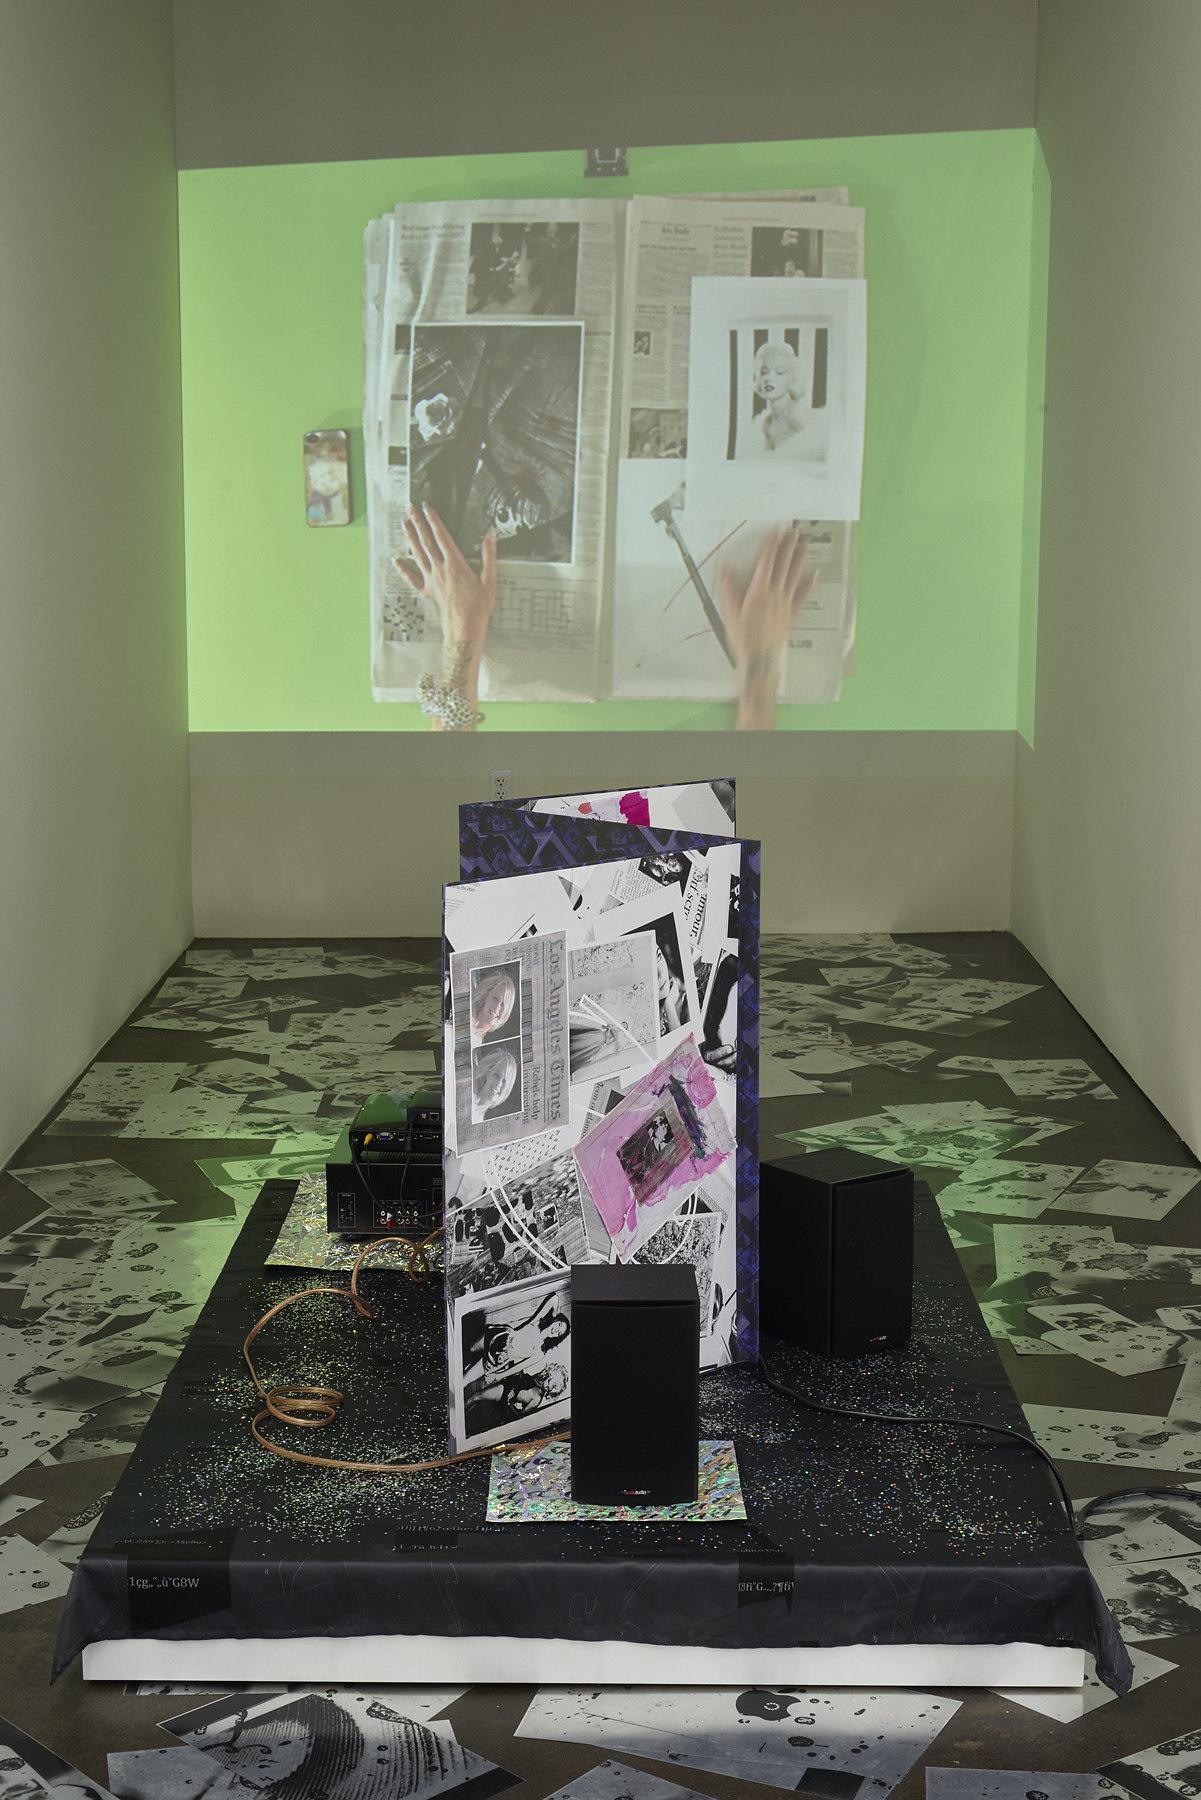 Mull_fused space, Nov 2015_Theoretical Children_Installation view_medium res 12